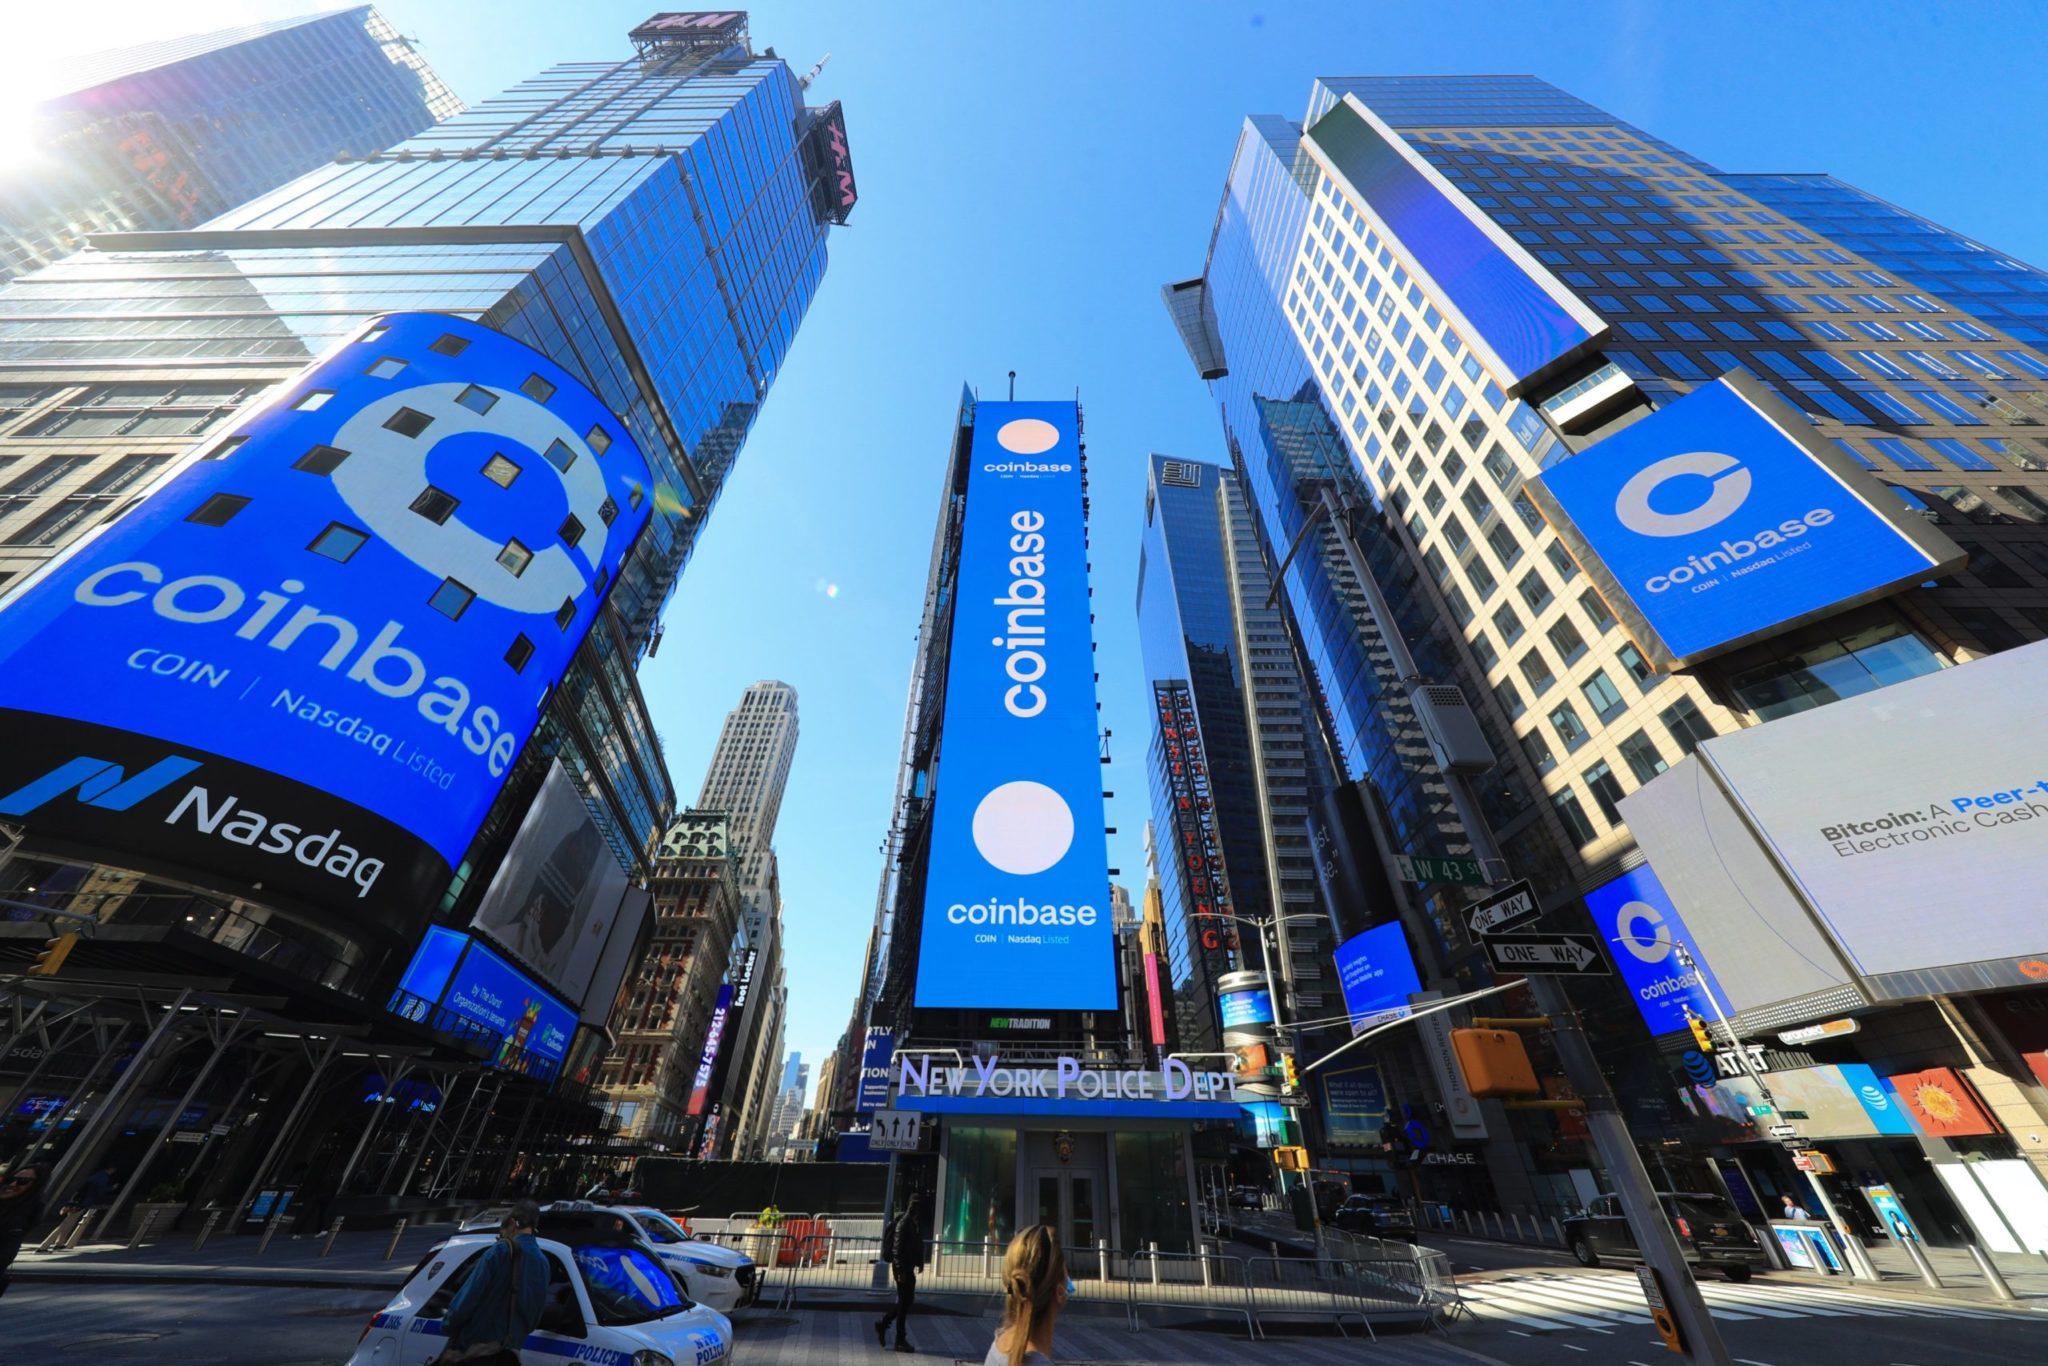 花旗上調 Coinbase 目標價達「415美元」: 它是加密貨幣綜合商店;10月迄今漲37%